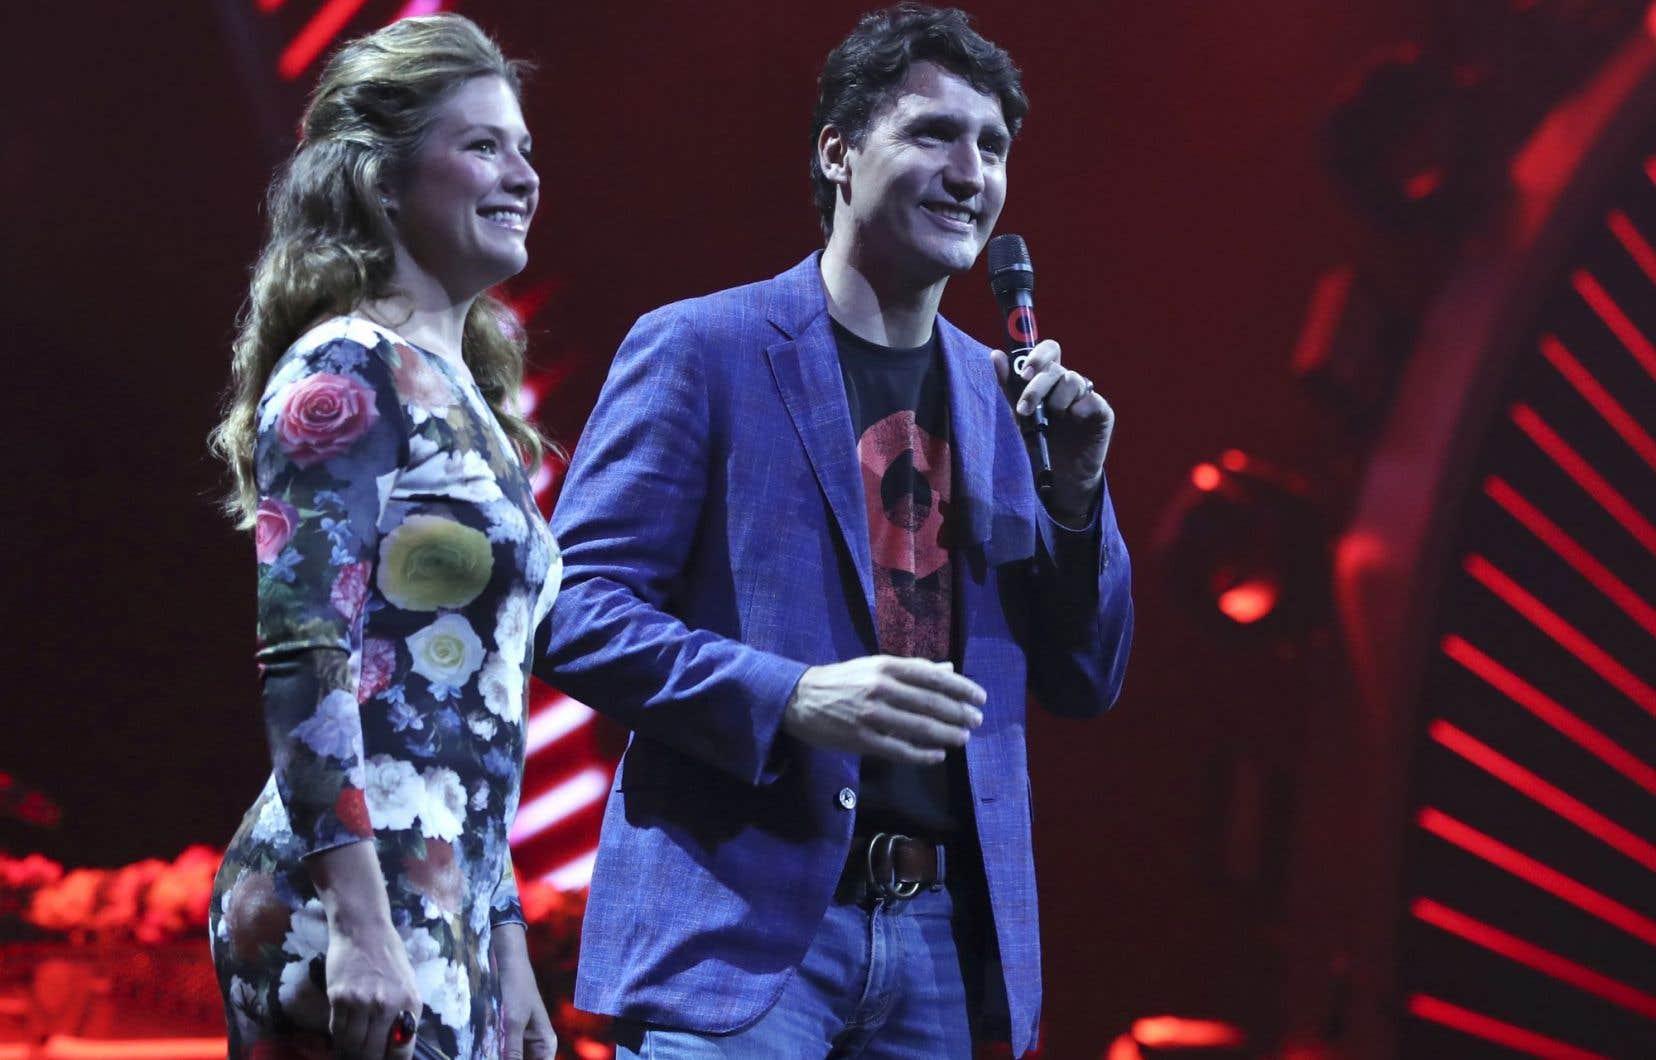 Justin Trudeau a évoqué la nouvelle politique d'aide internationale féministe du Canada, qui place les femmes et les filles au cœur des efforts d'aide du Canada.